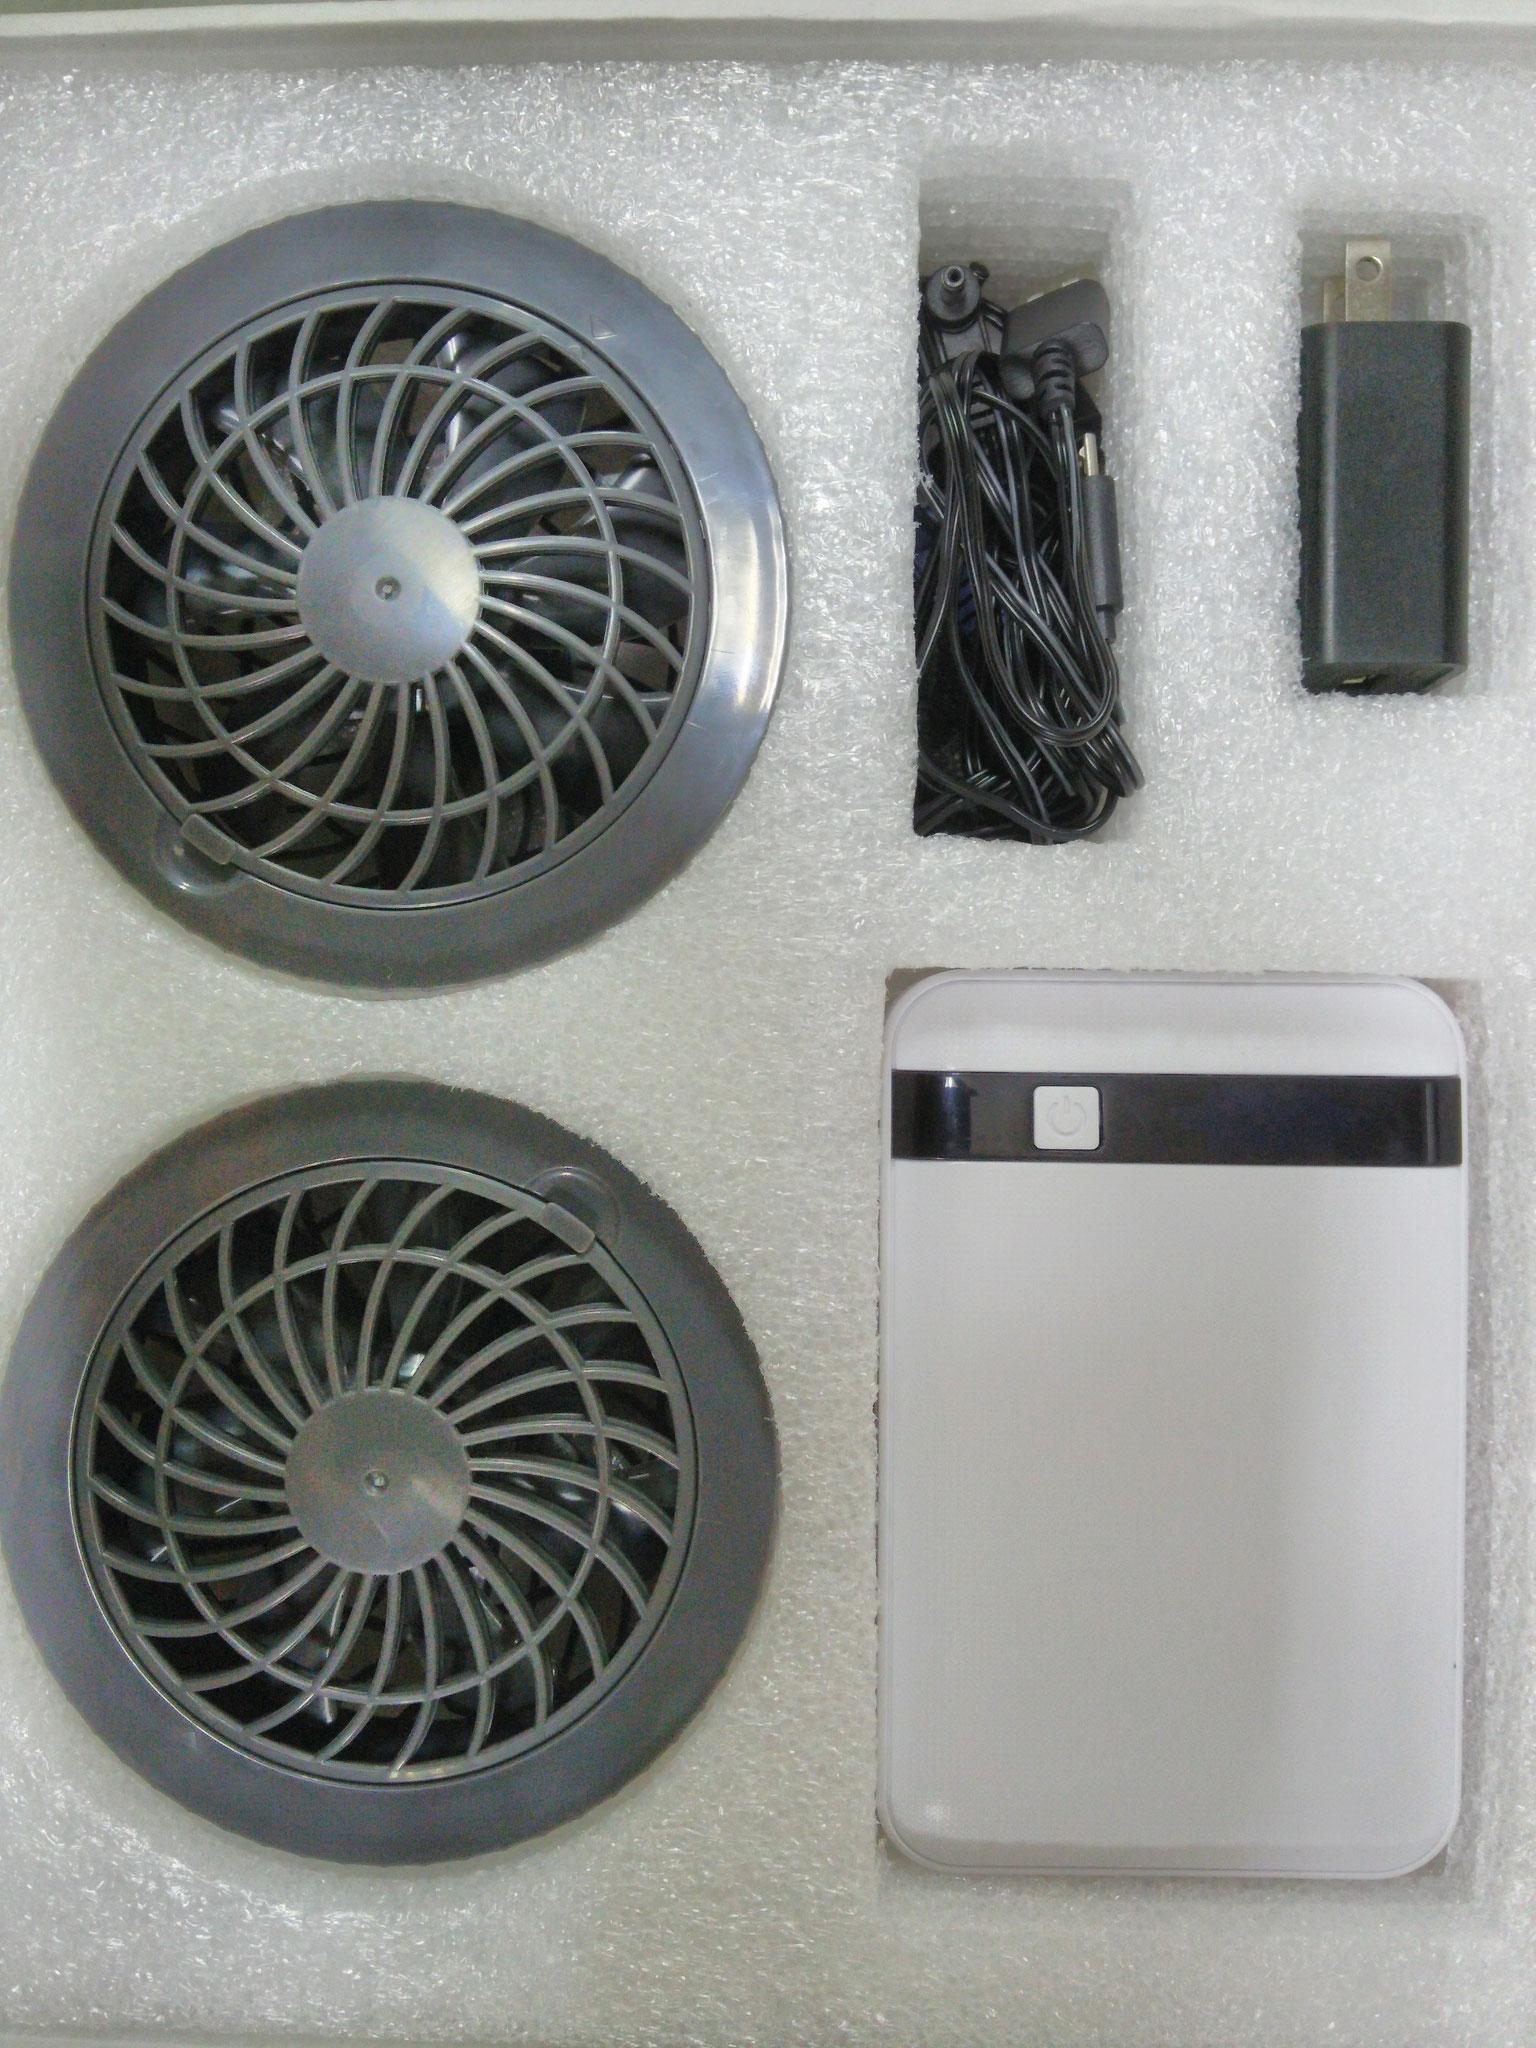 SK-01 ファンバッテリーフルセット ¥9,900(税込)セットでこの安さ!!安心の品質でーす。おススメ!!